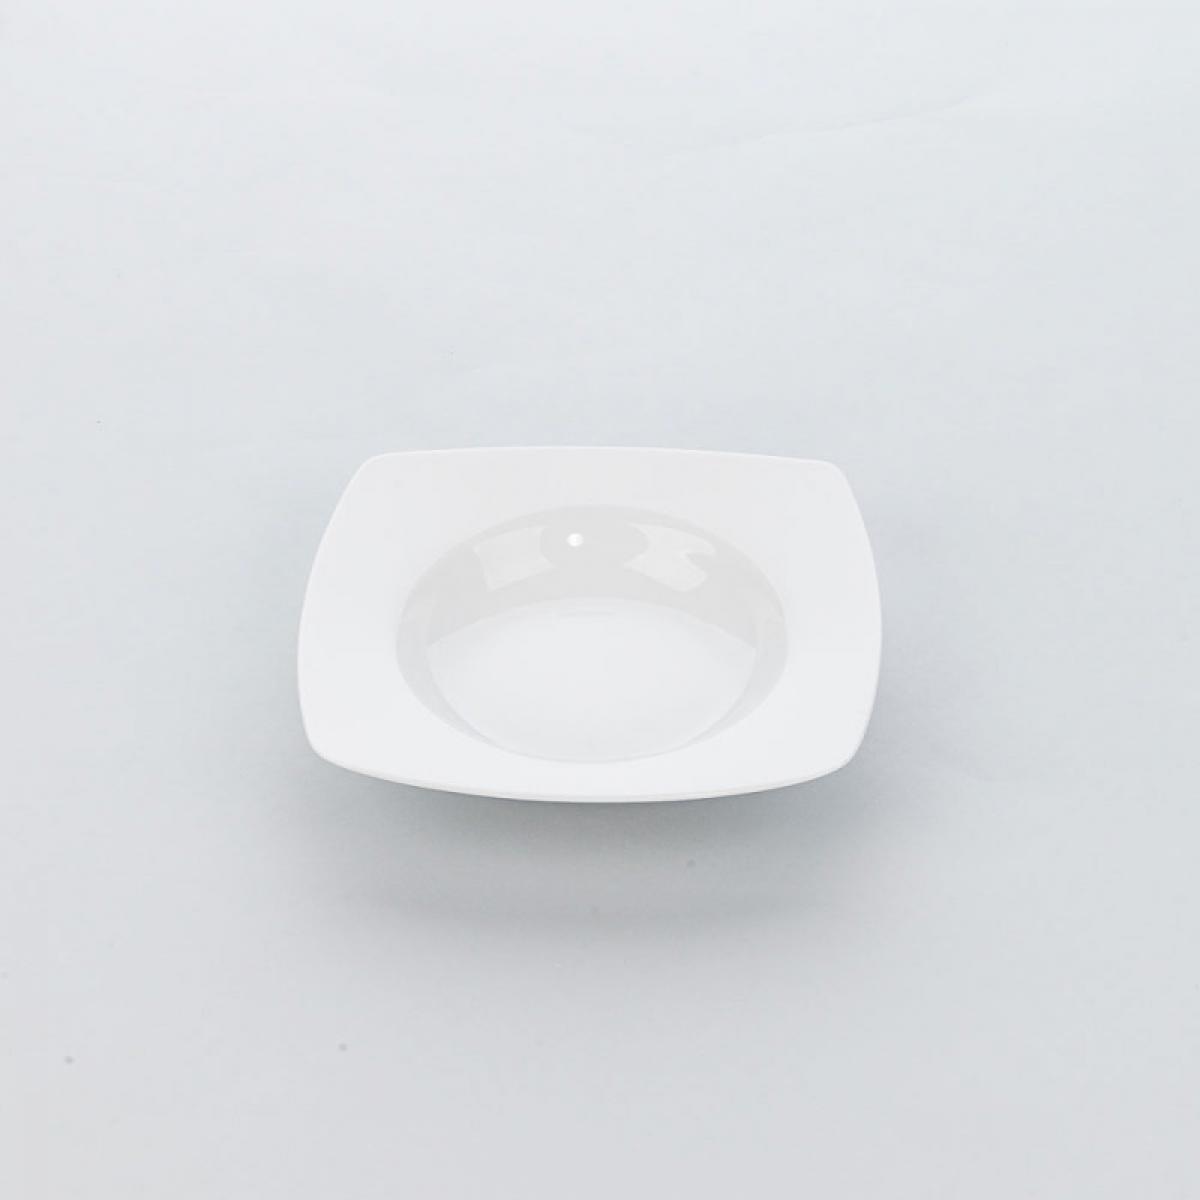 Materiel Chr Pro Assiette Creuse Porcelaine Carrée Apulia L 210 mm - Lot de 6 - Stalgast - Porcelaine